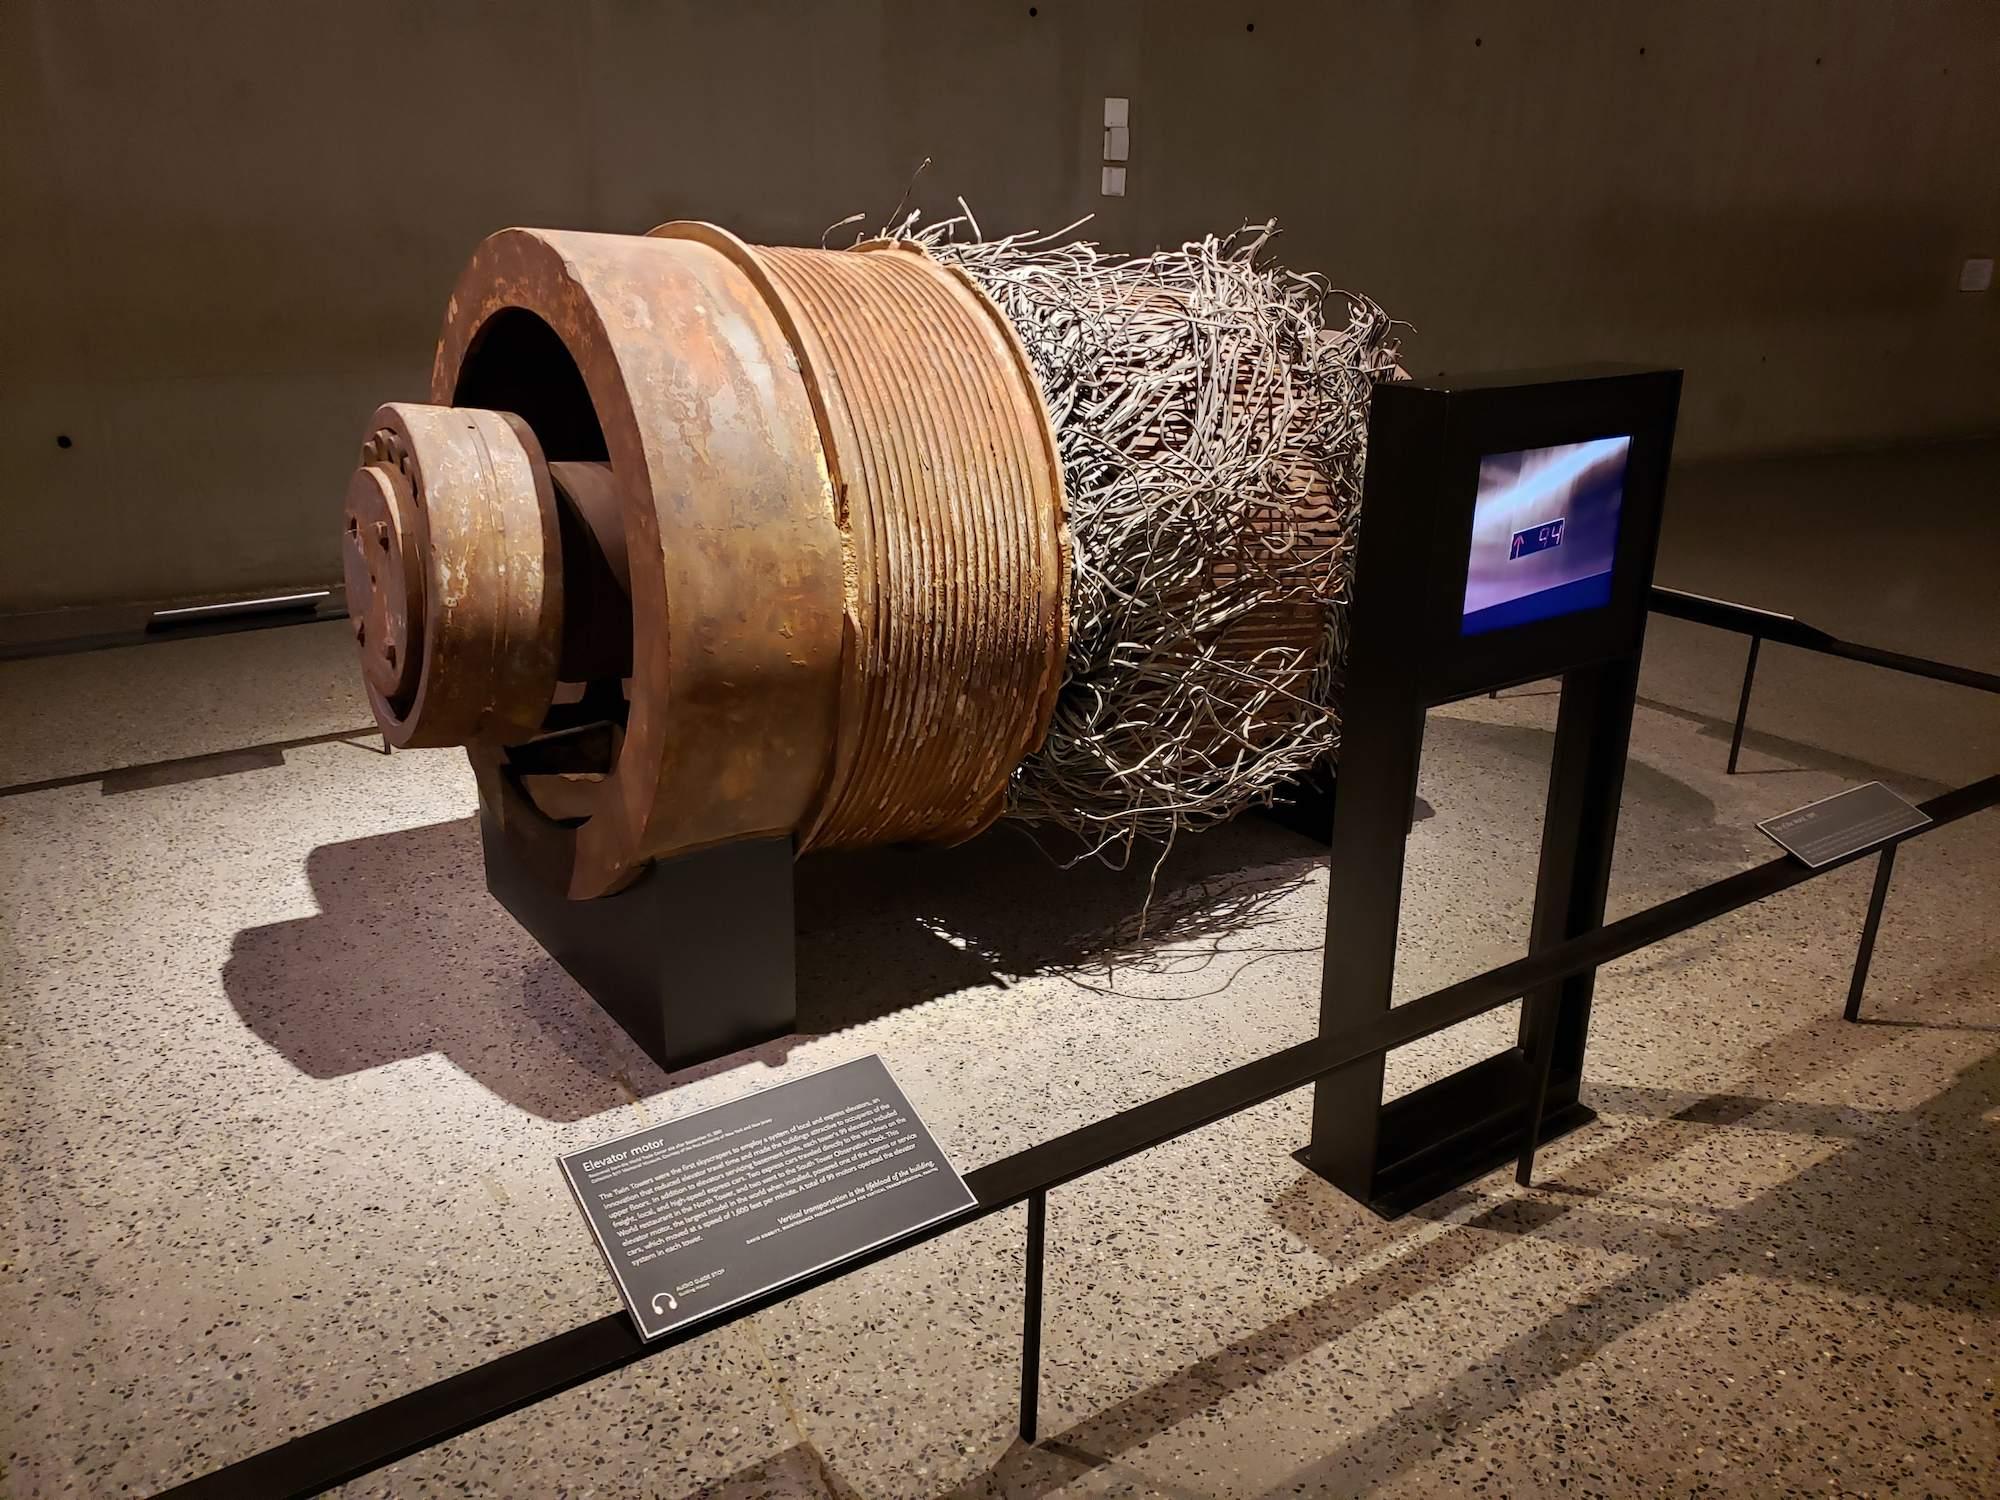 Motor de ascensor Museo del 11-S